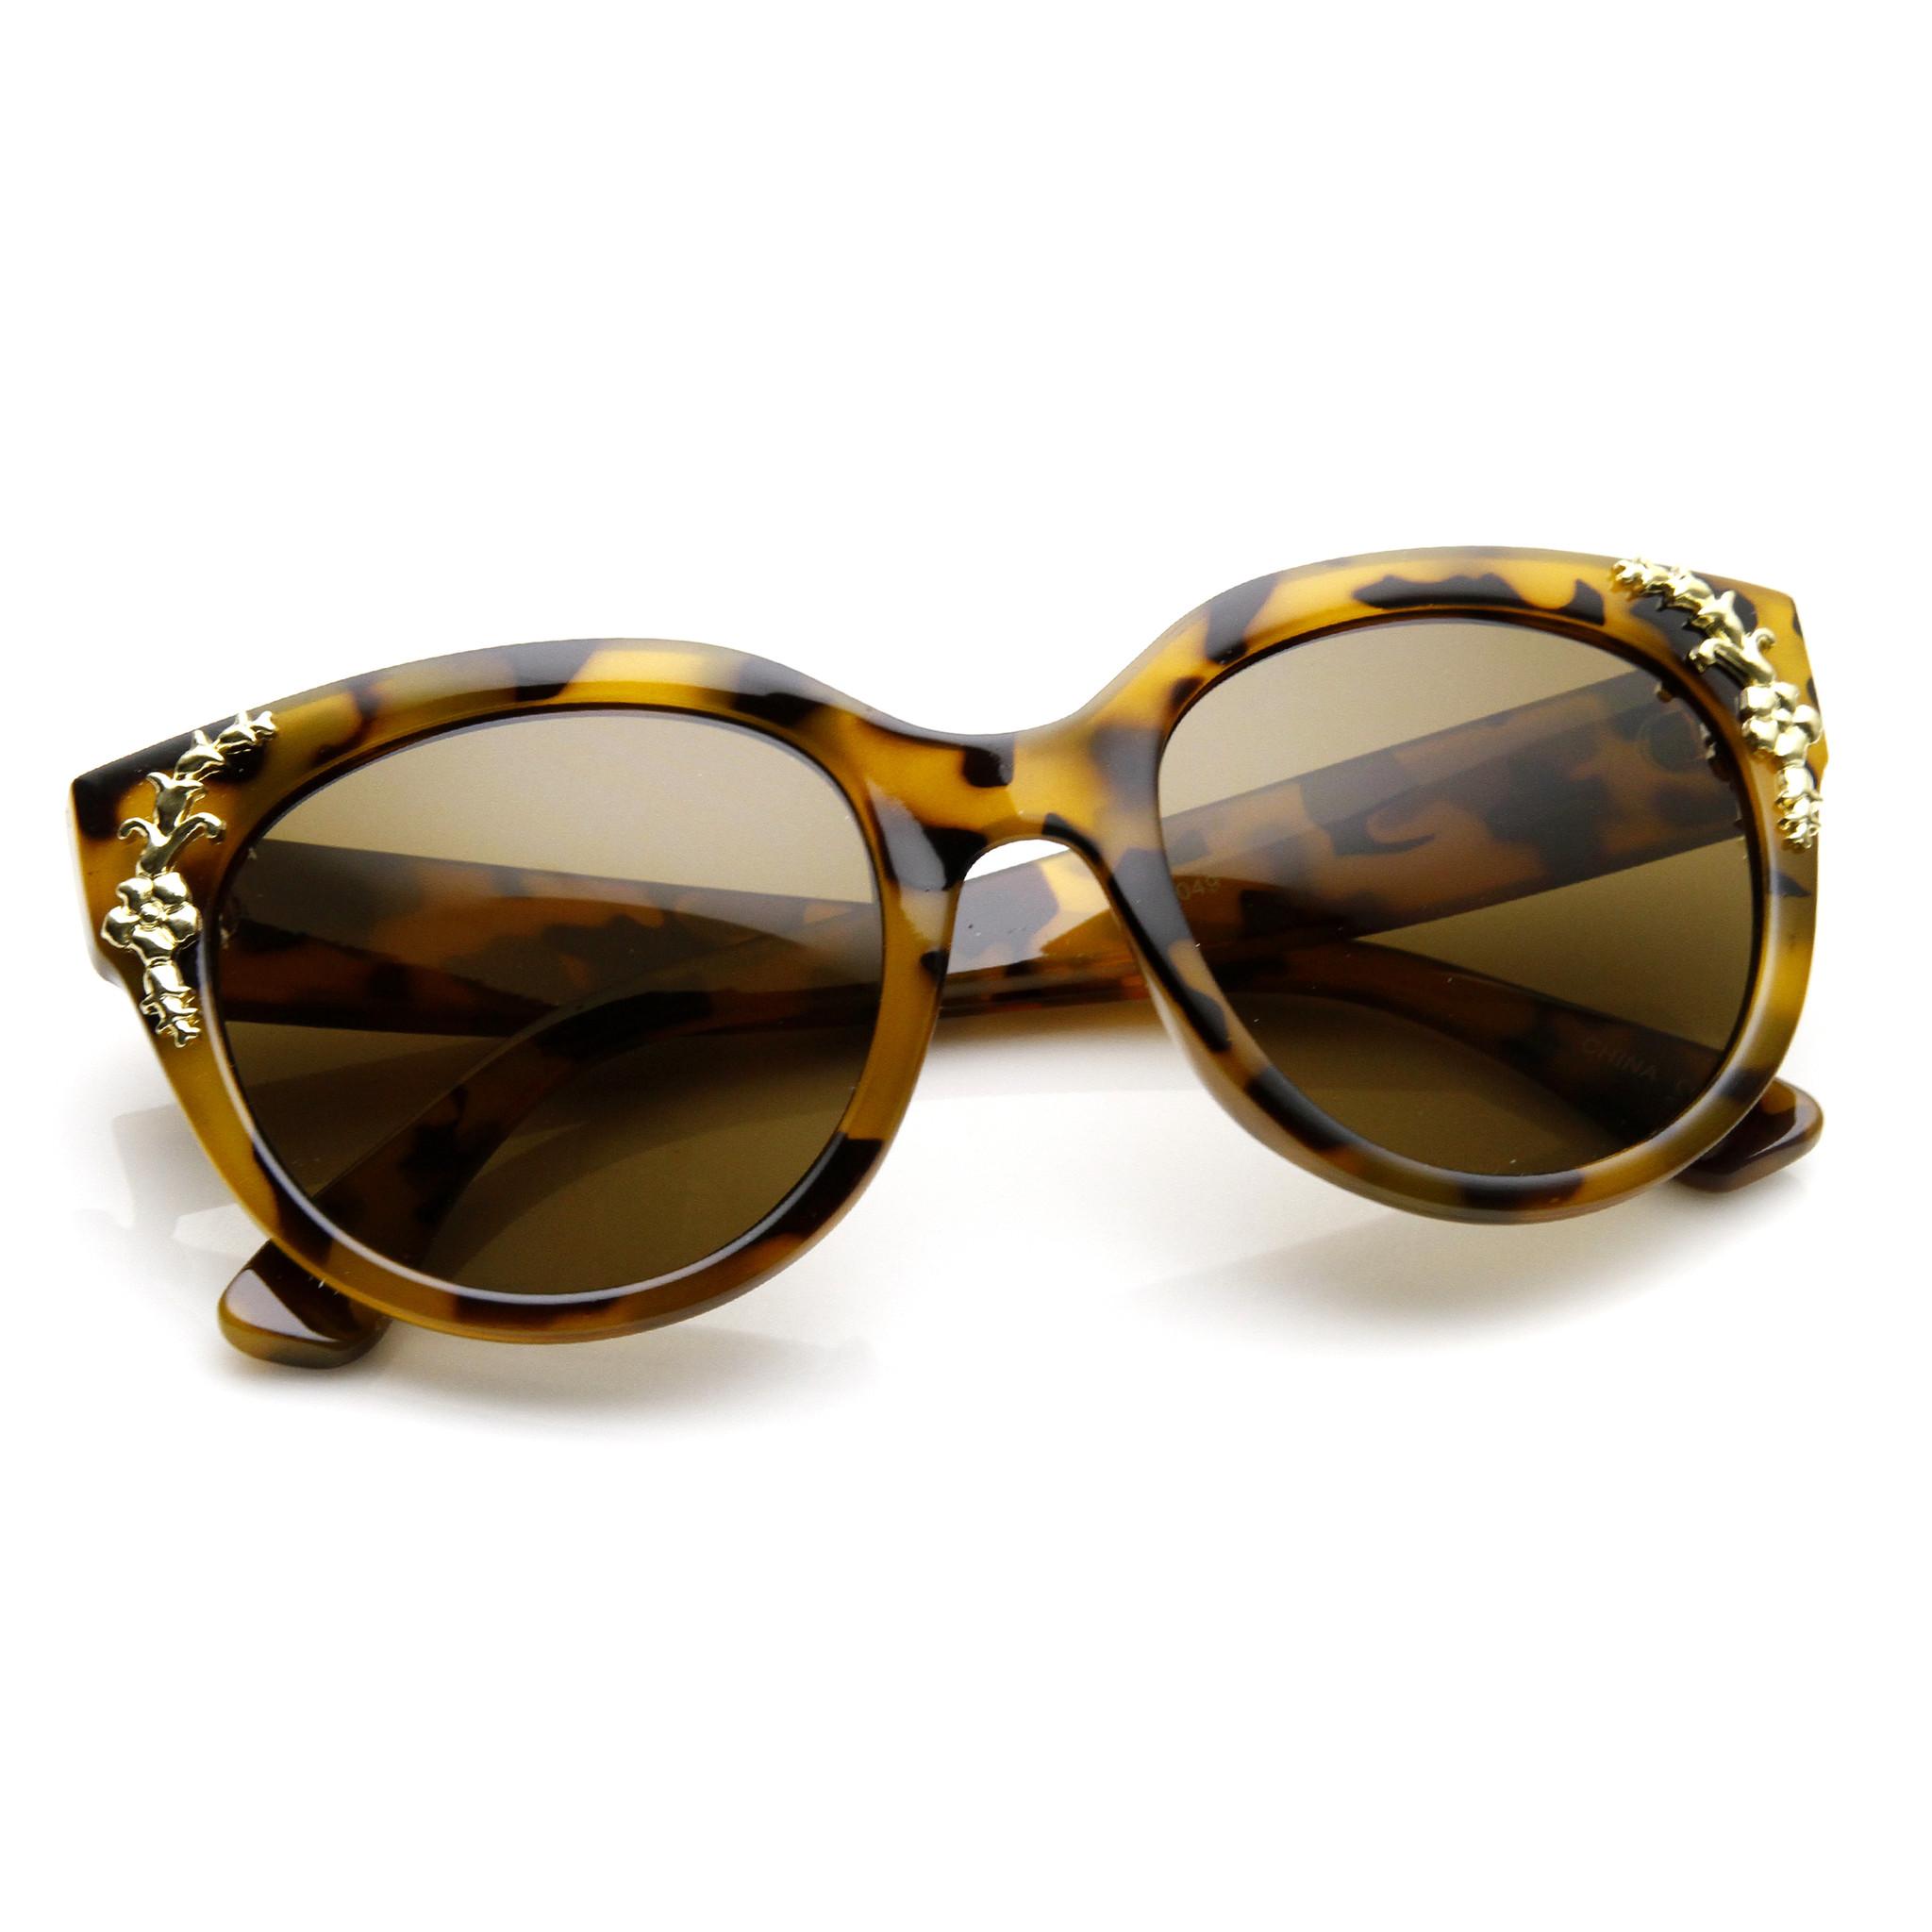 Womens Retro Oversize Flower Adorned Cat Eye Sunglasses 9320